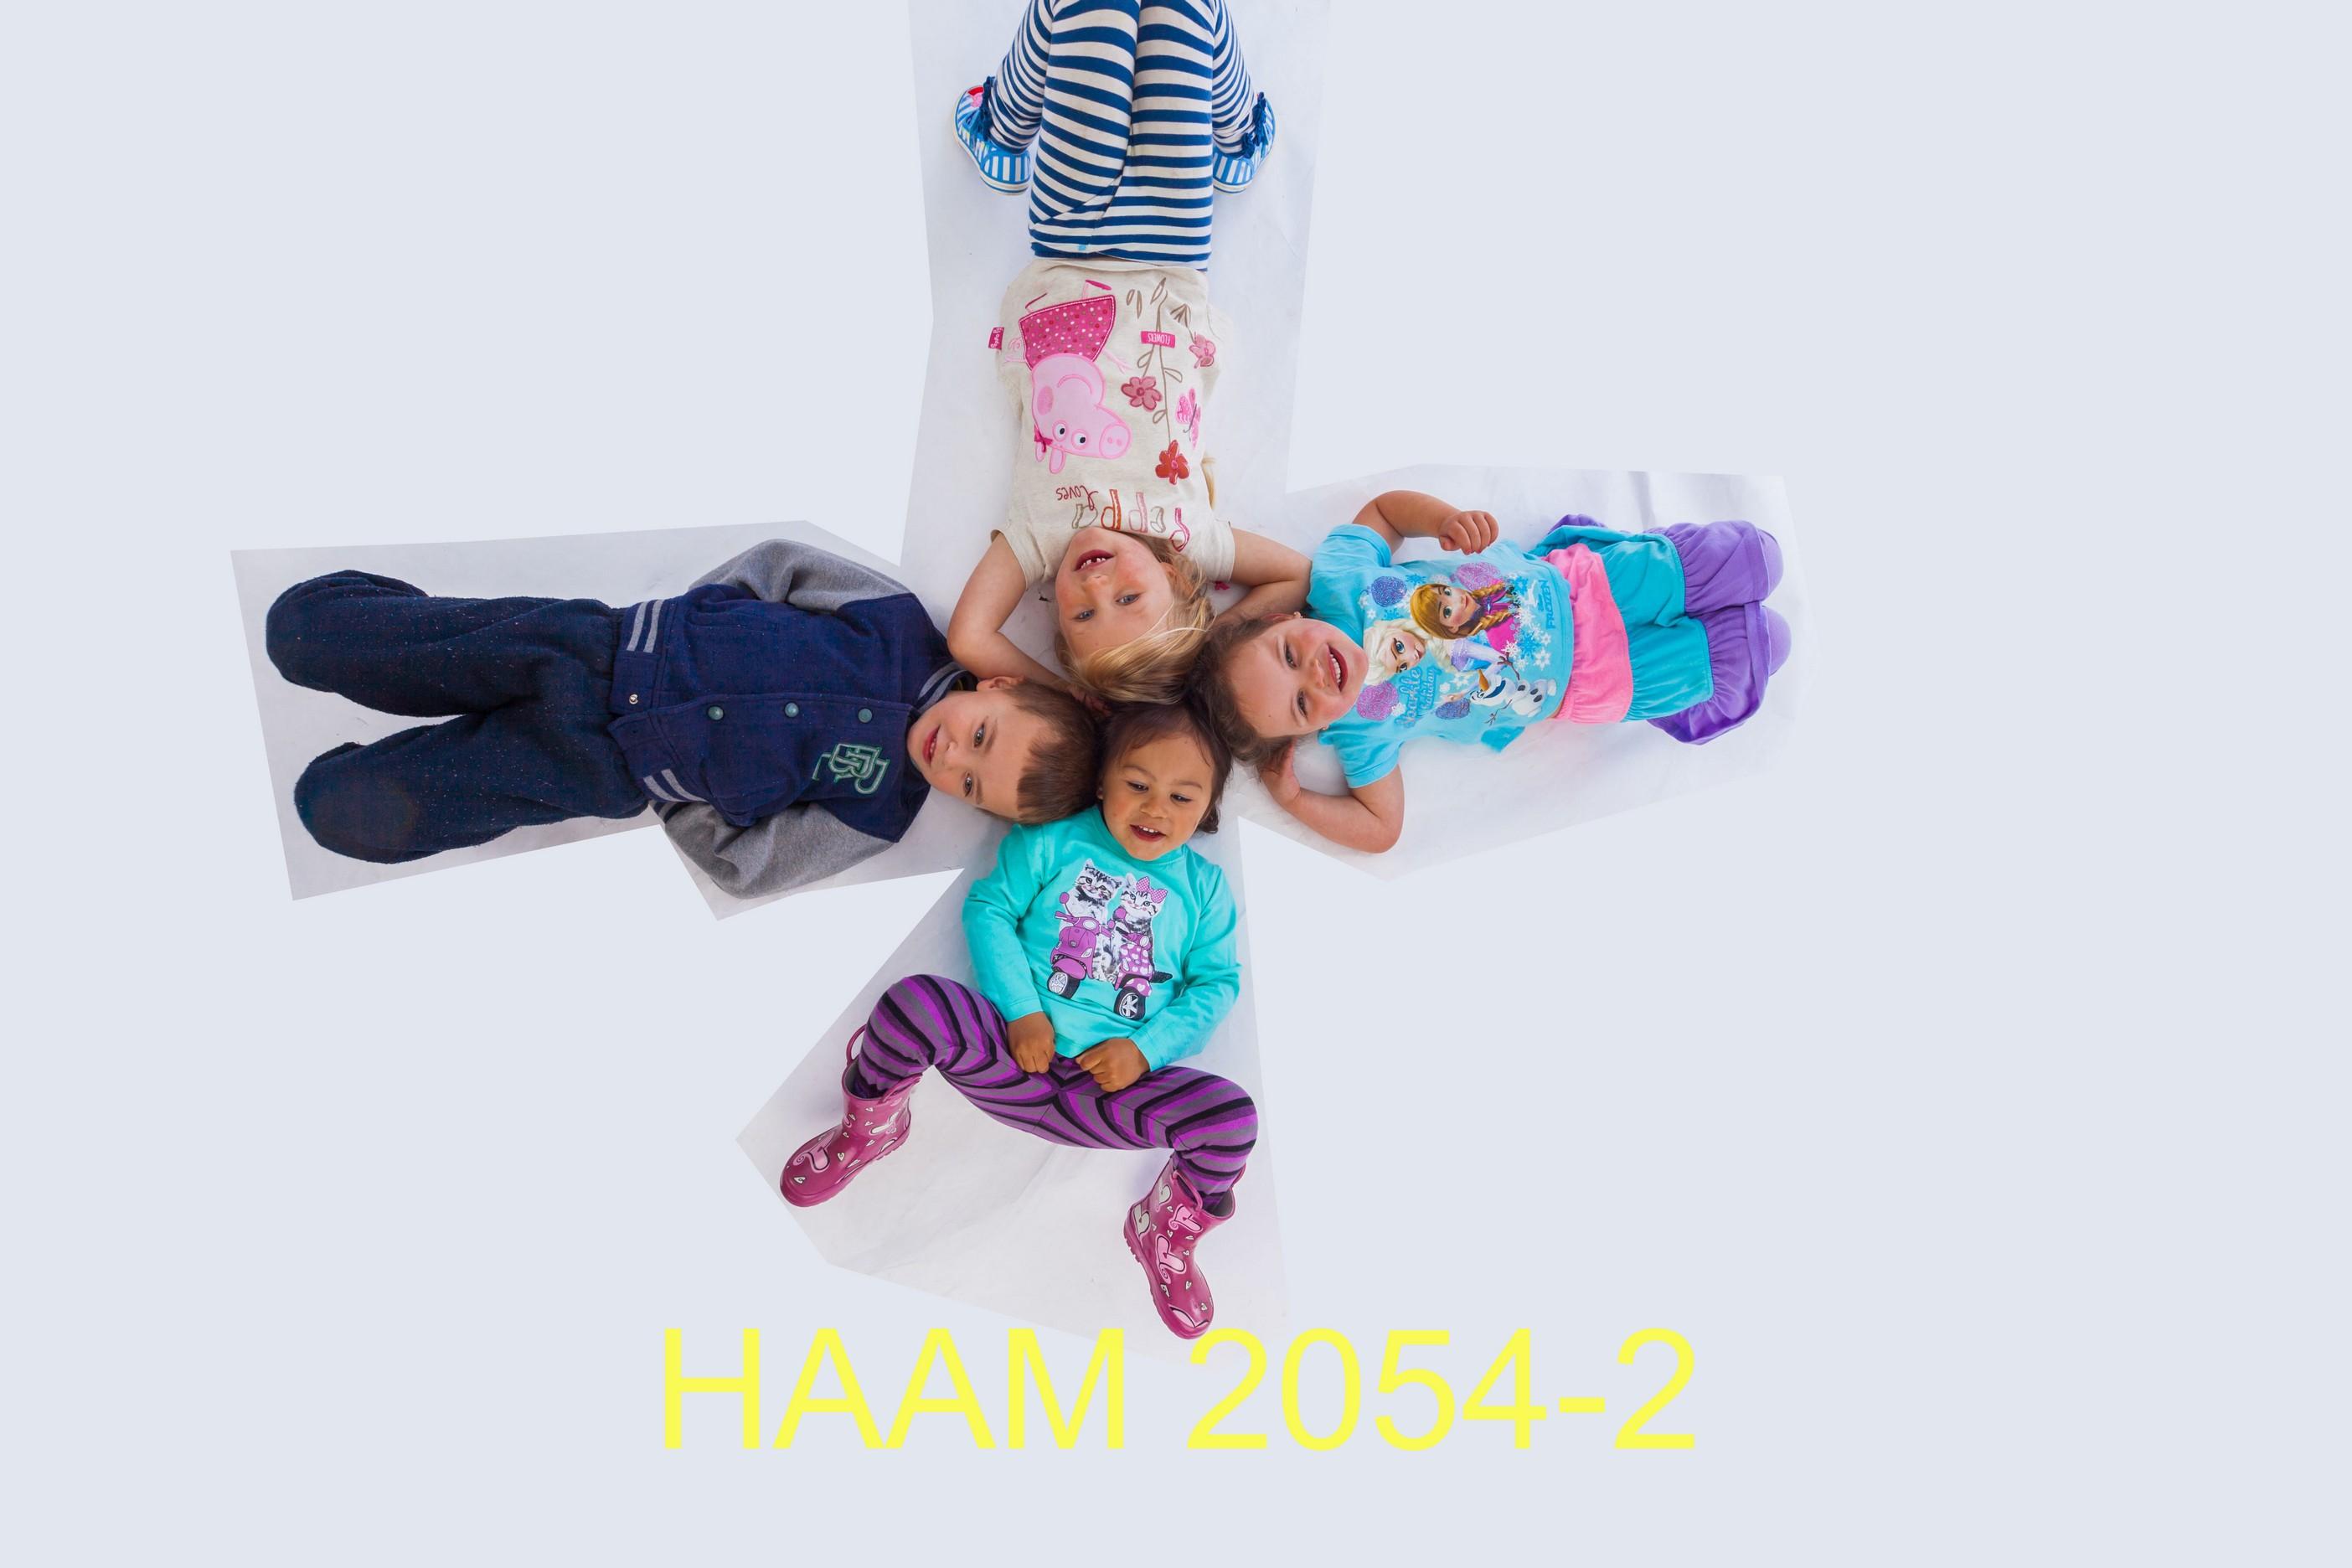 HAAM 2054-2